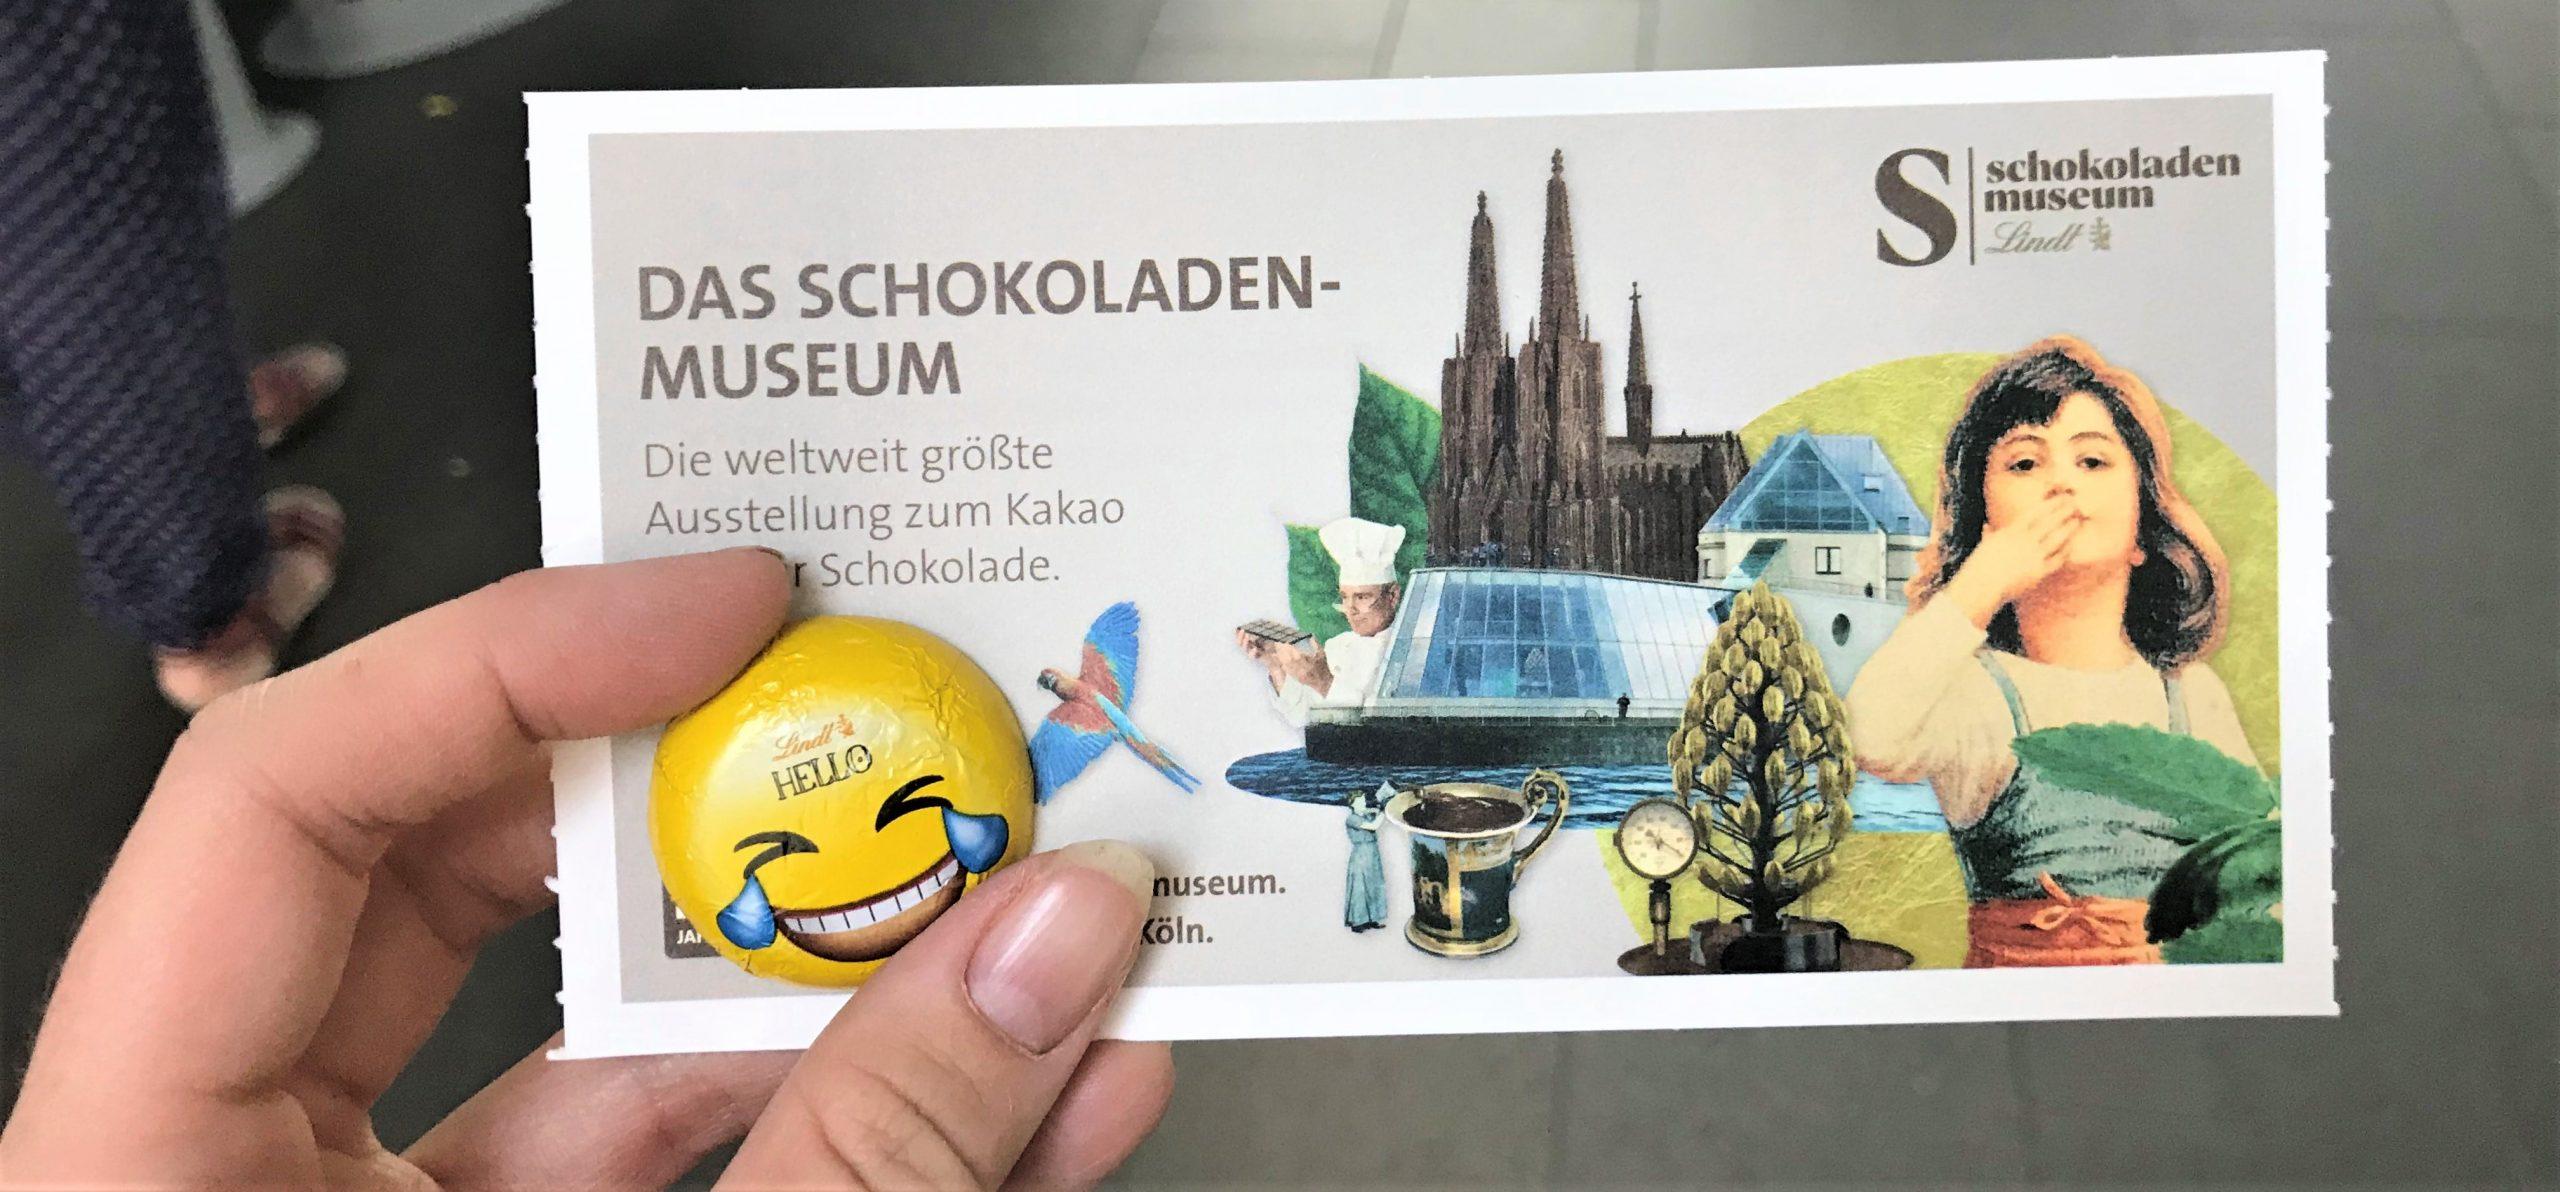 visiter le musée du chocolat à cologne